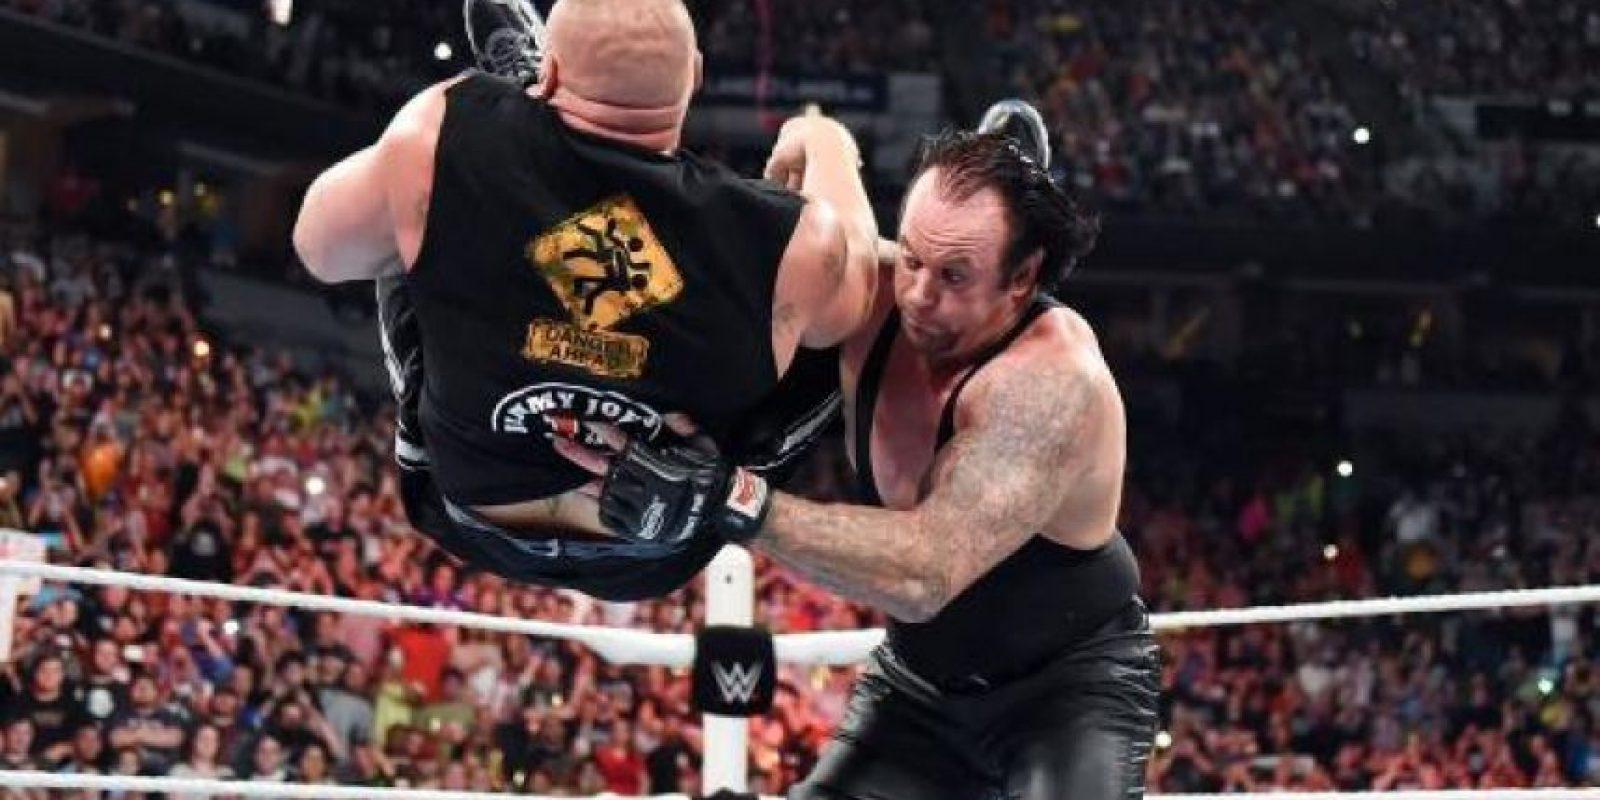 Undertaker y Brocke Lesnar se enfrentarán en un Hell in a Cell match Foto:WWE